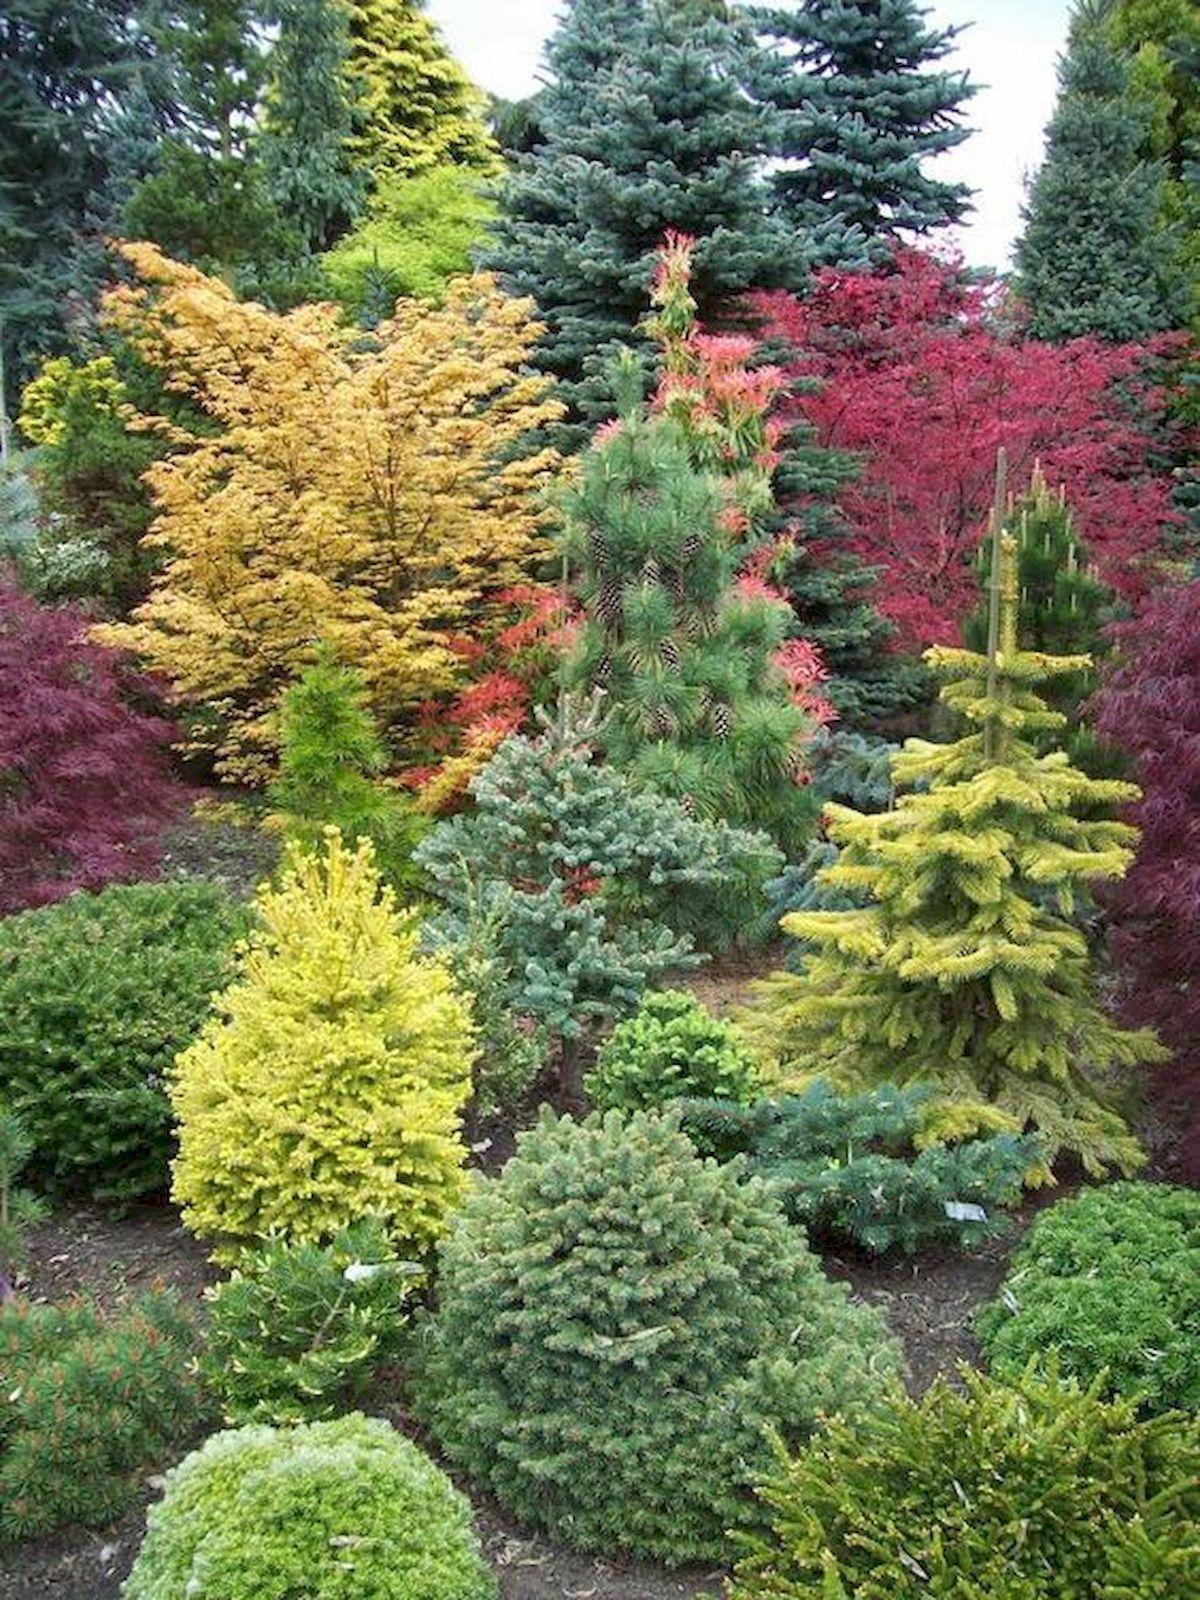 60 Beautiful Front Yards And Backyard Evergreen Garden Design Ideas 24 Conifers Garden Evergreen Landscape Evergreen Garden